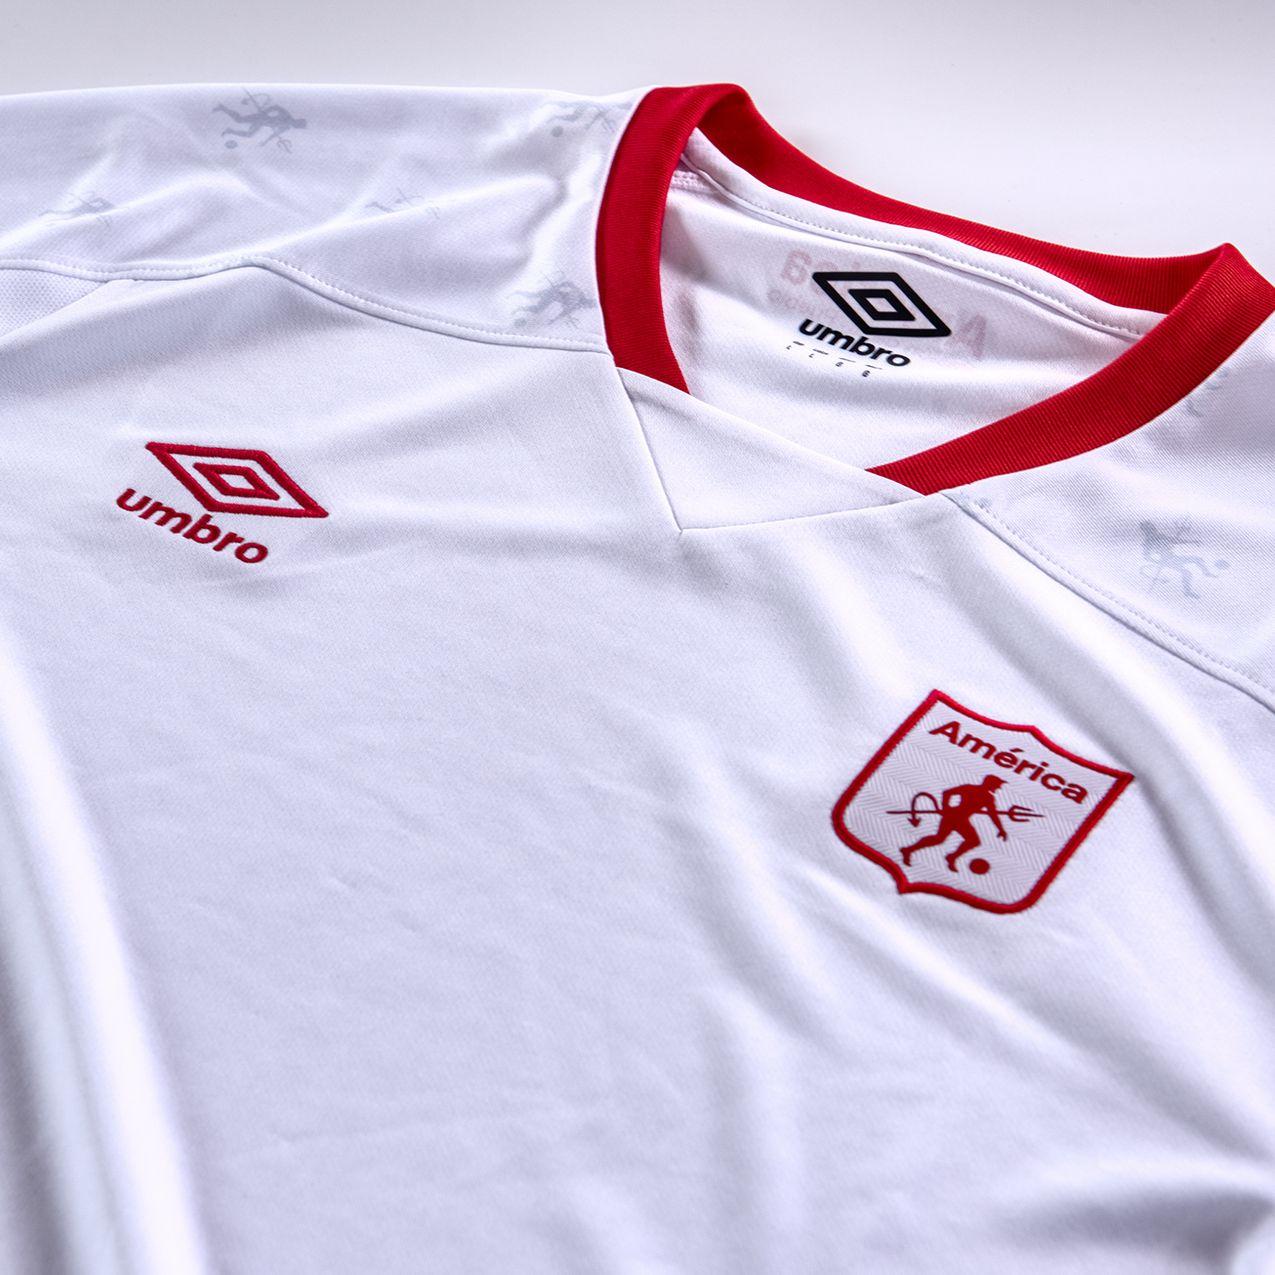 América de Cali 2021-22 Umbro Home and Away Shirts | 20/21 Kits ...